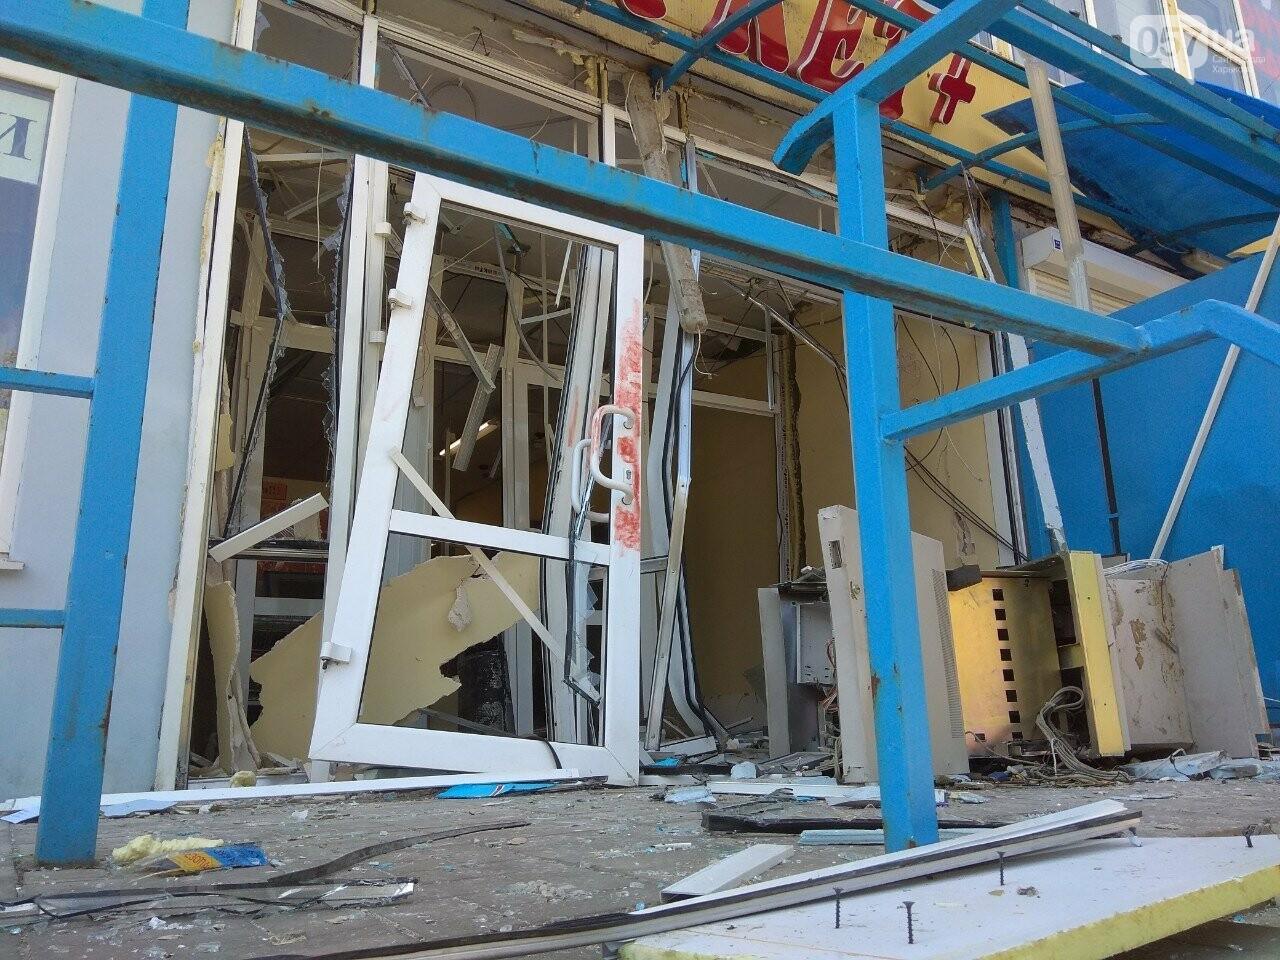 Взрыв банкомата на Алексеевке: неизвестные нанесли магазину убыток на 200 тысяч гривен, - ВИДЕО, фото-4